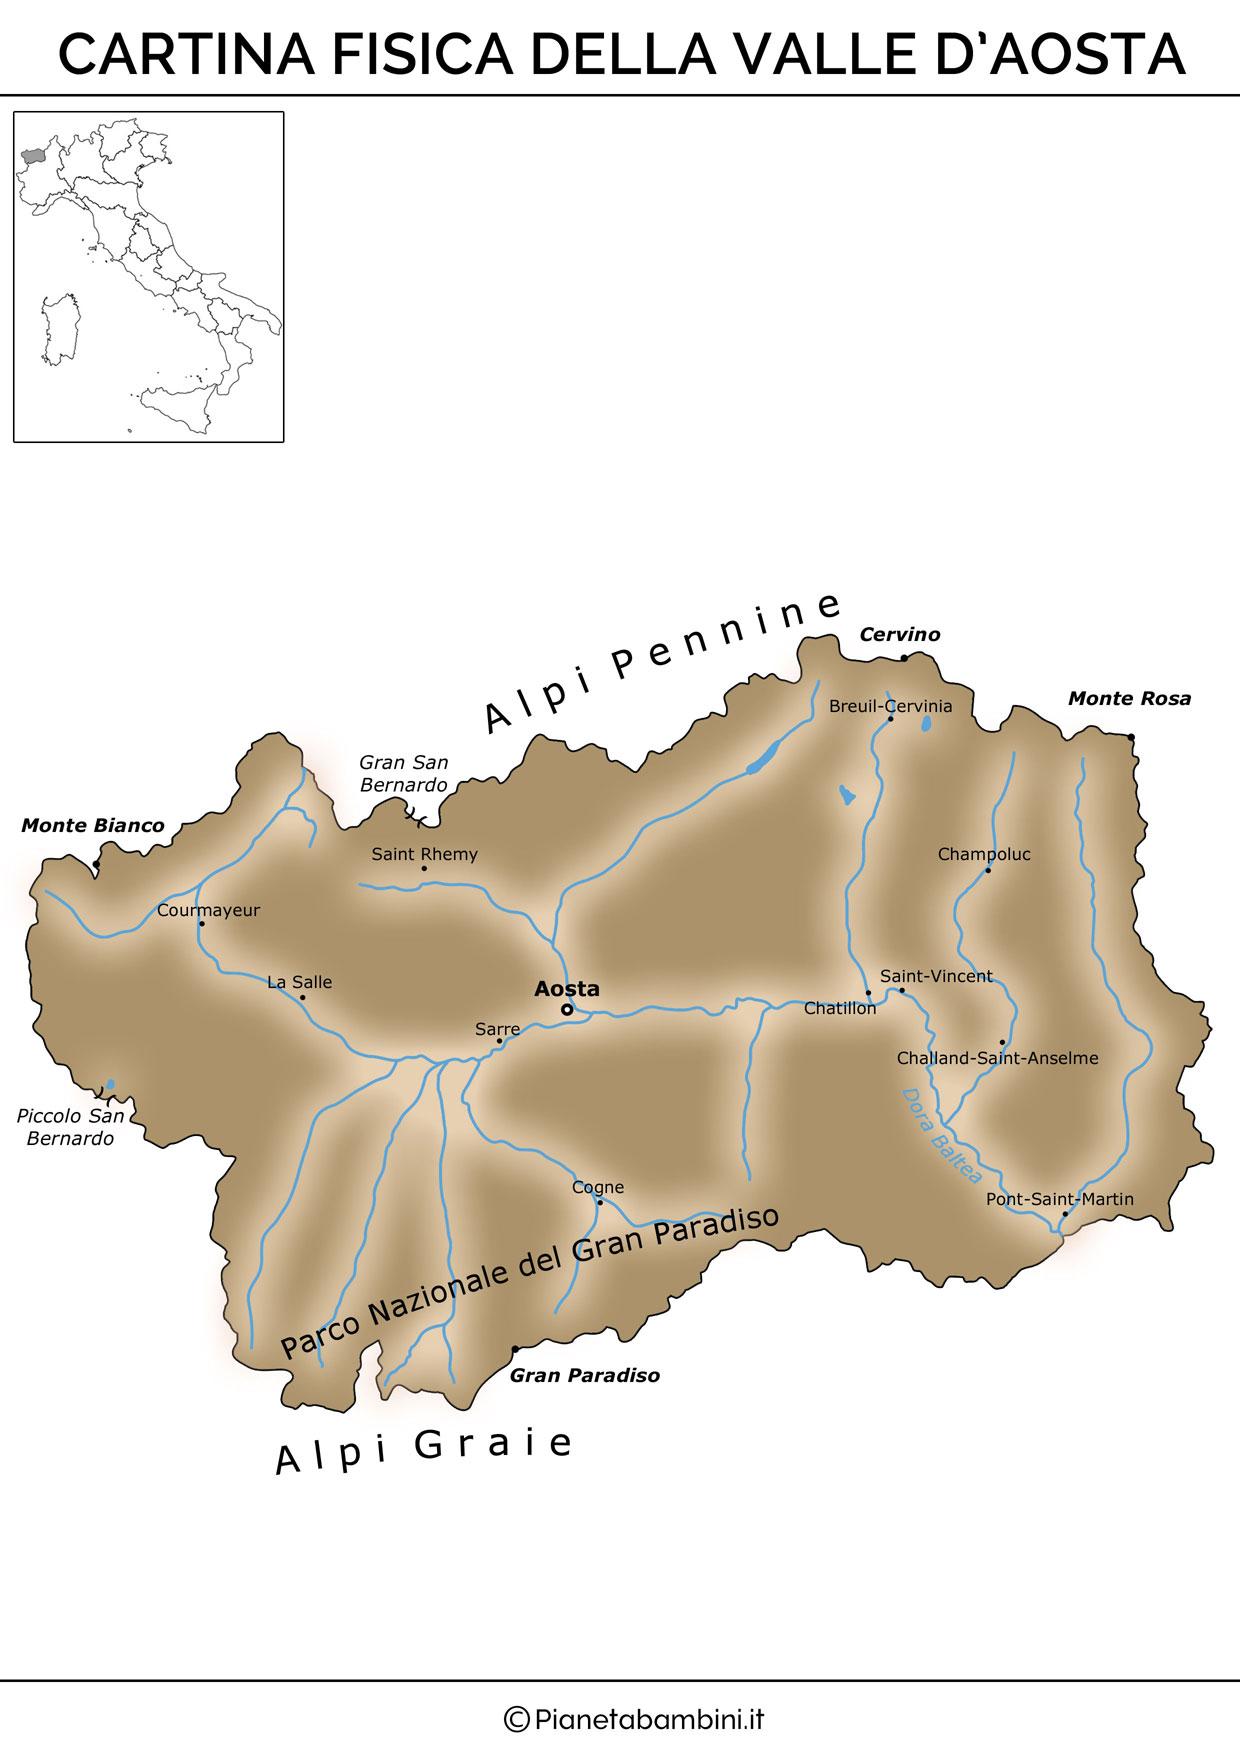 Cartina Fisico Politica Valle D Aosta.Cartina Muta Fisica E Politica Della Valle D Aosta Da Stampare Pianetabambini It